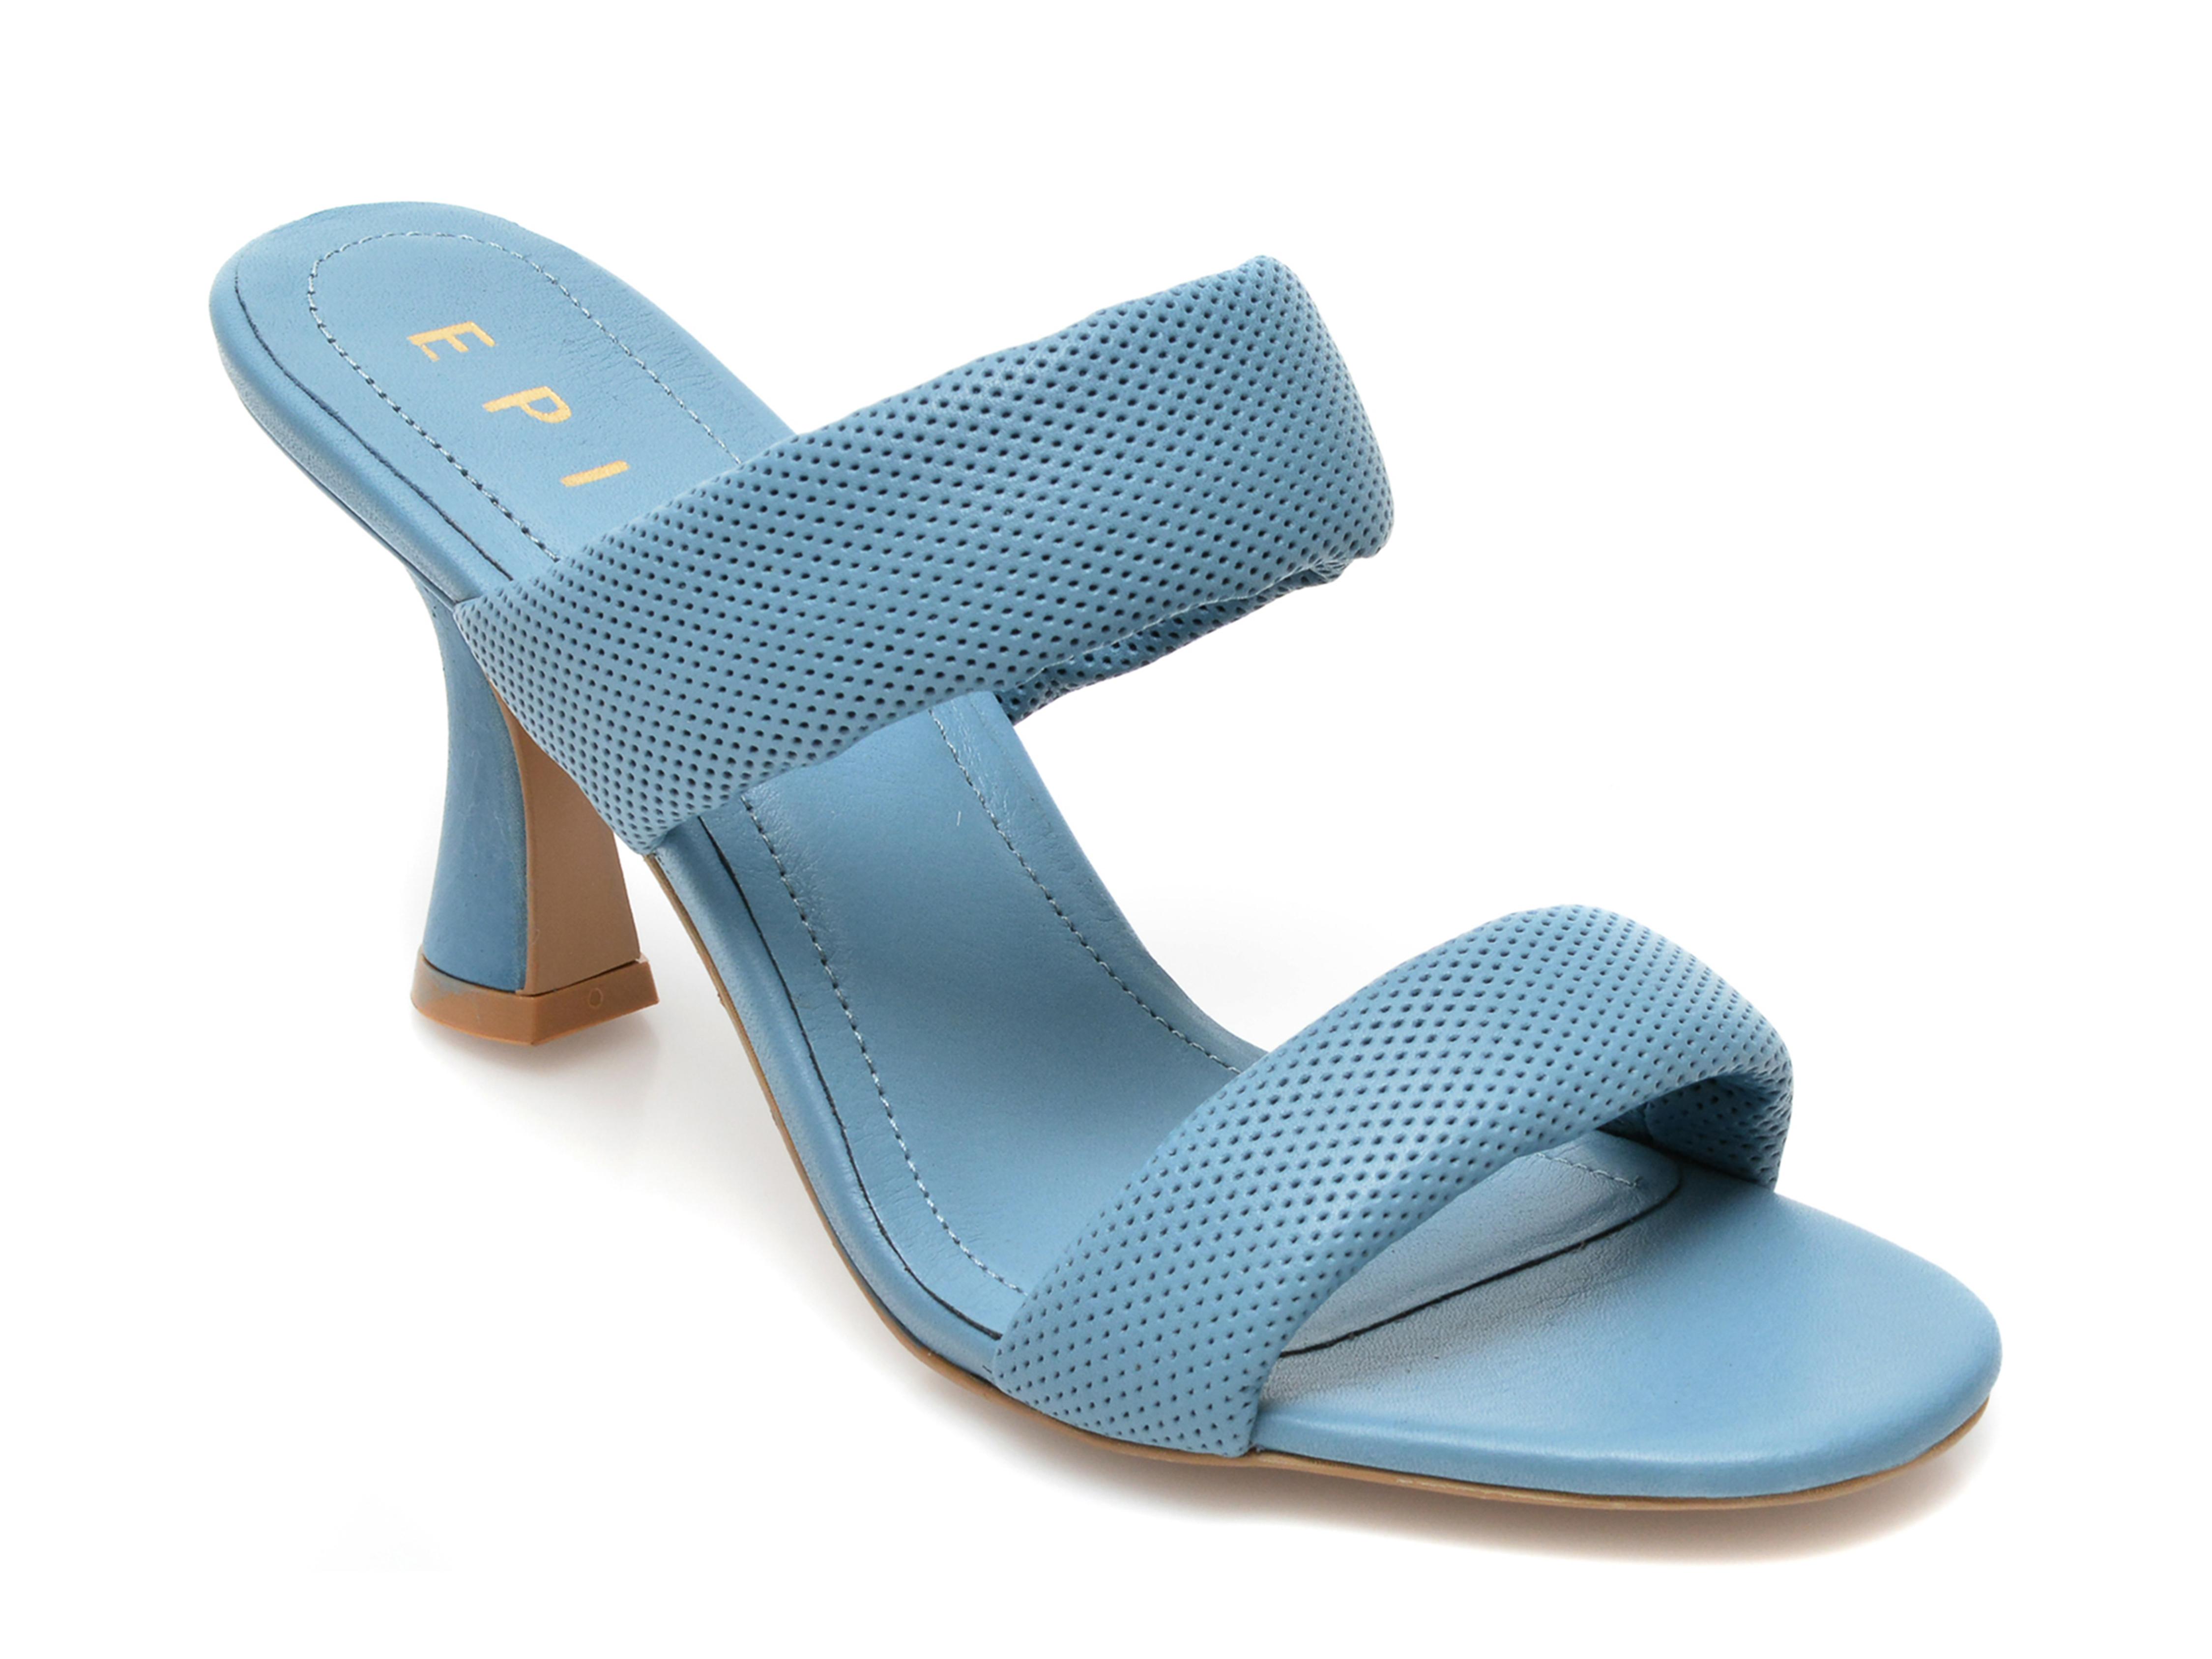 Papuci EPICA albastri, 4110, din piele naturala imagine otter.ro 2021